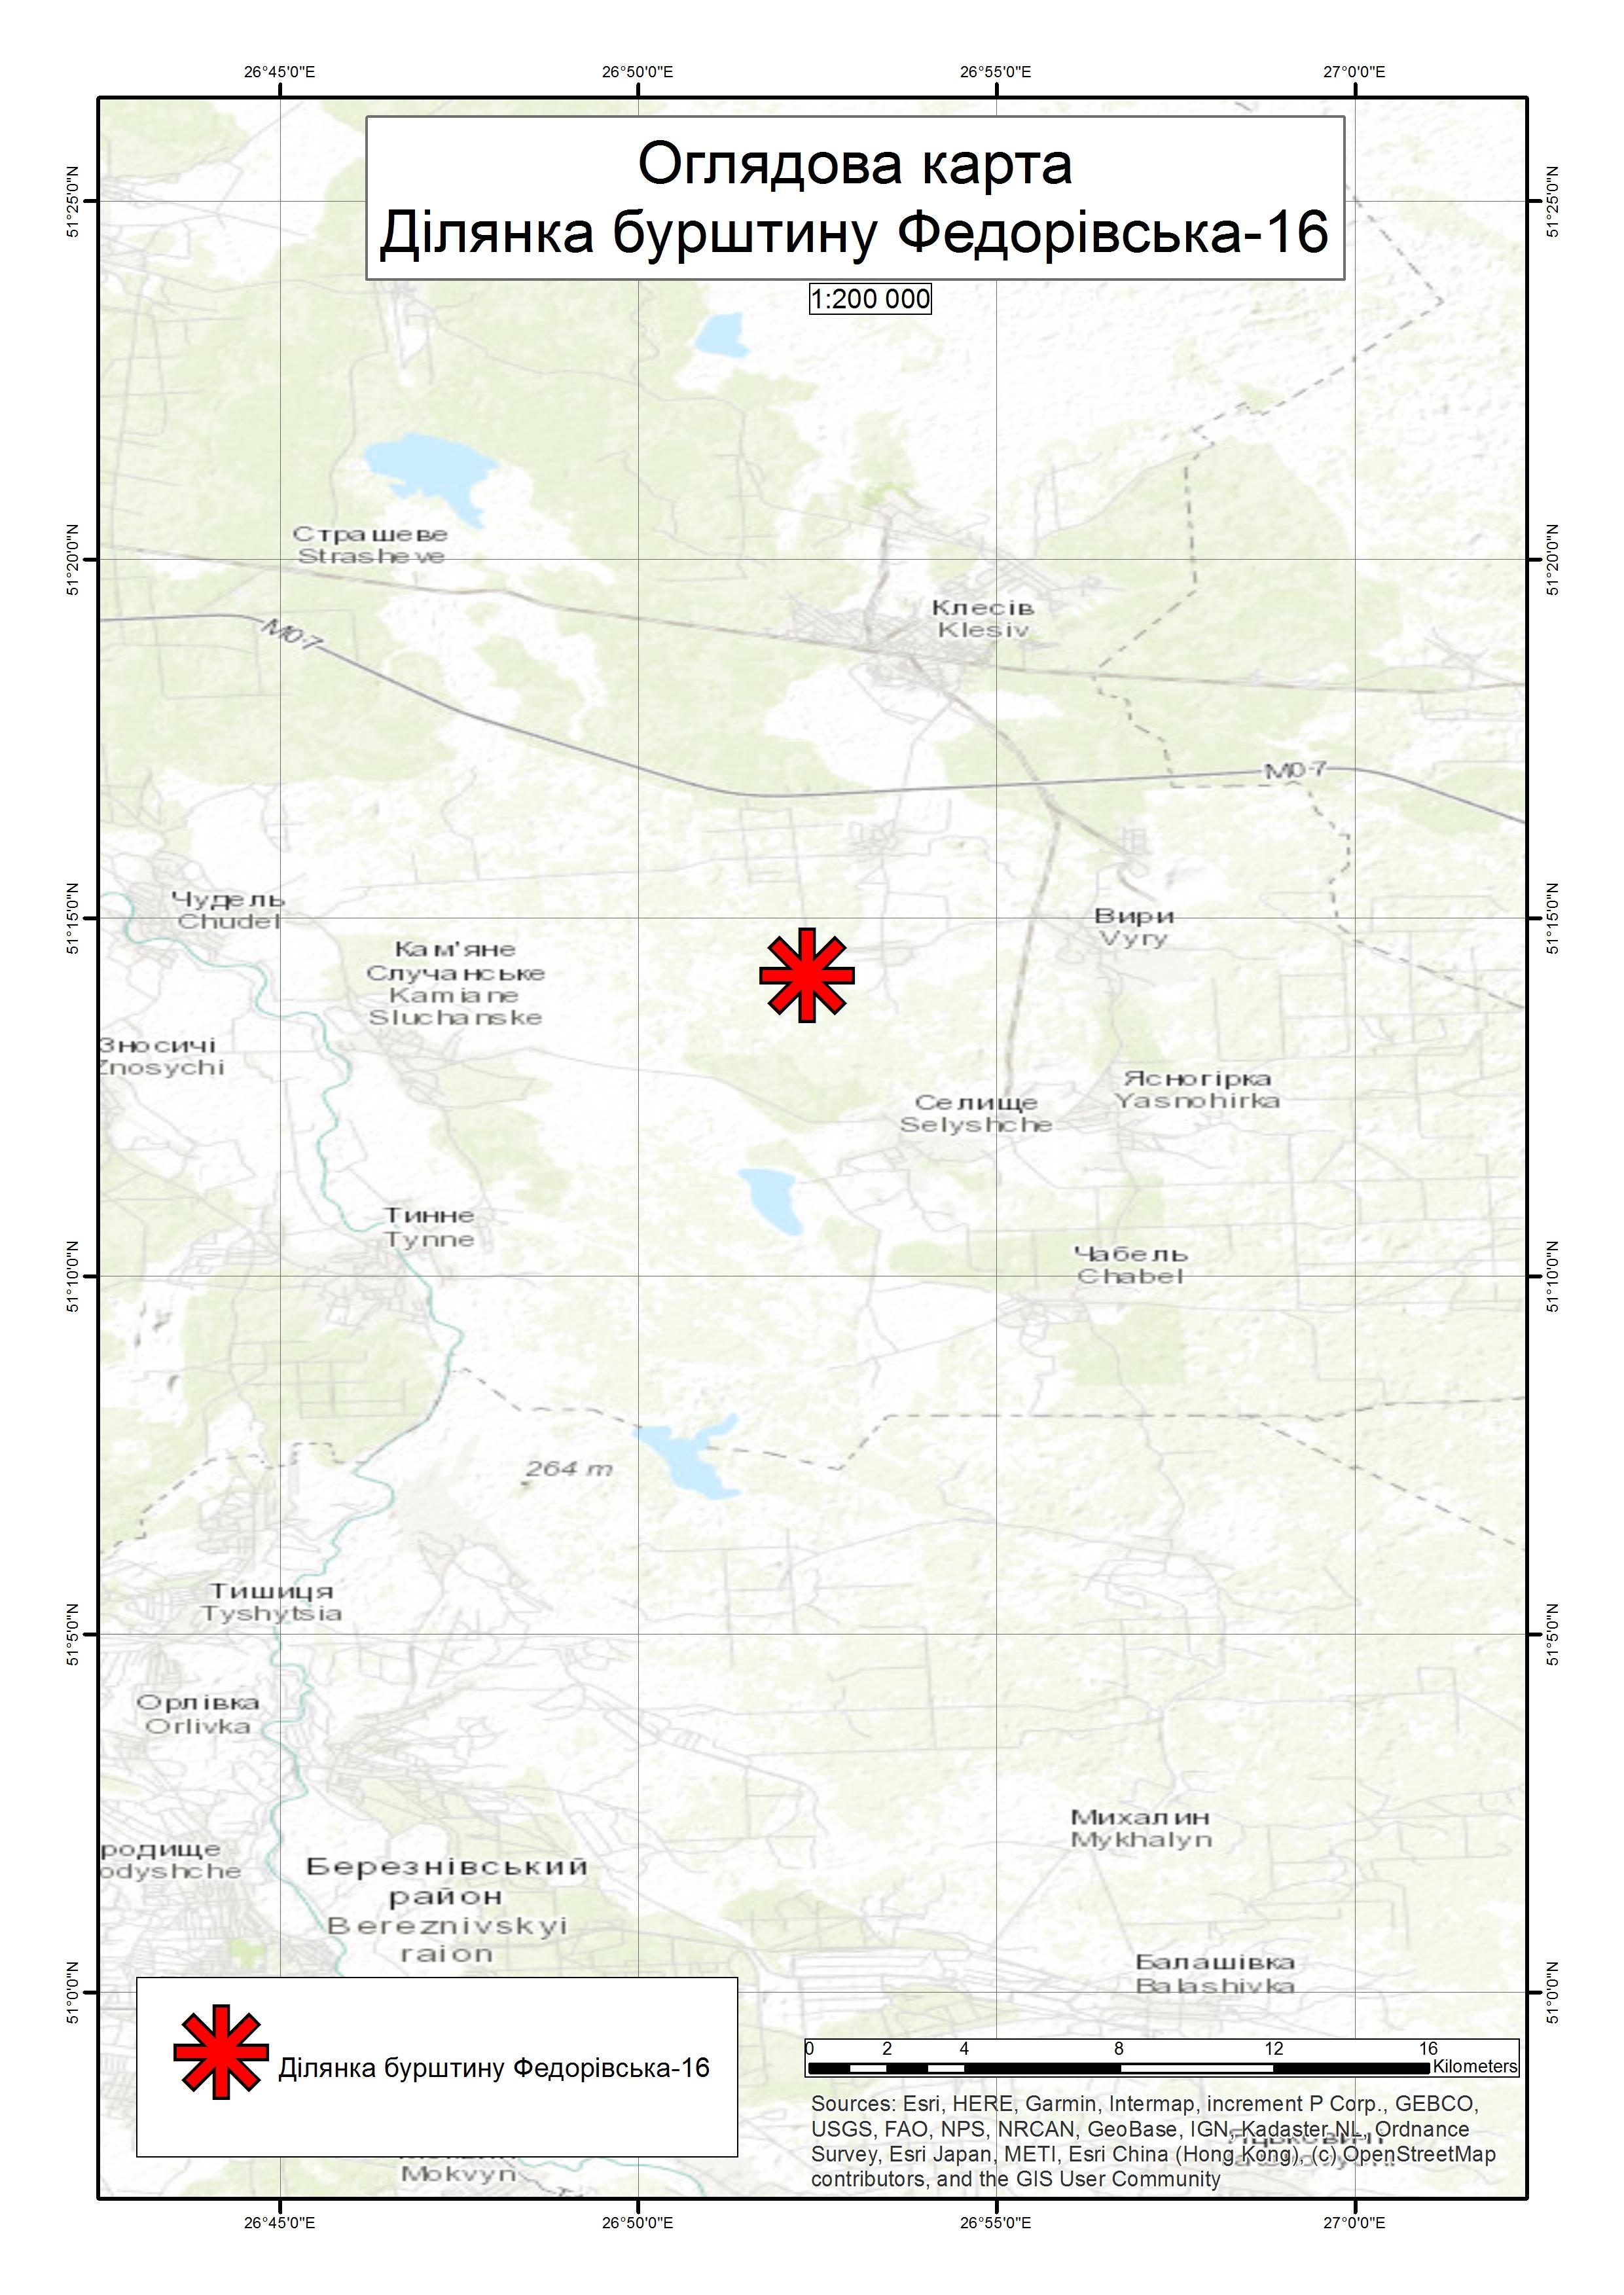 Спеціальний дозвіл на користування надрами – Ділянка Федорівська-16. Вартість геологічної інформації – 102 610,39 грн (з ПДВ). Вартість пакету аукціонної документації – 10 310,98 грн (з ПДВ).